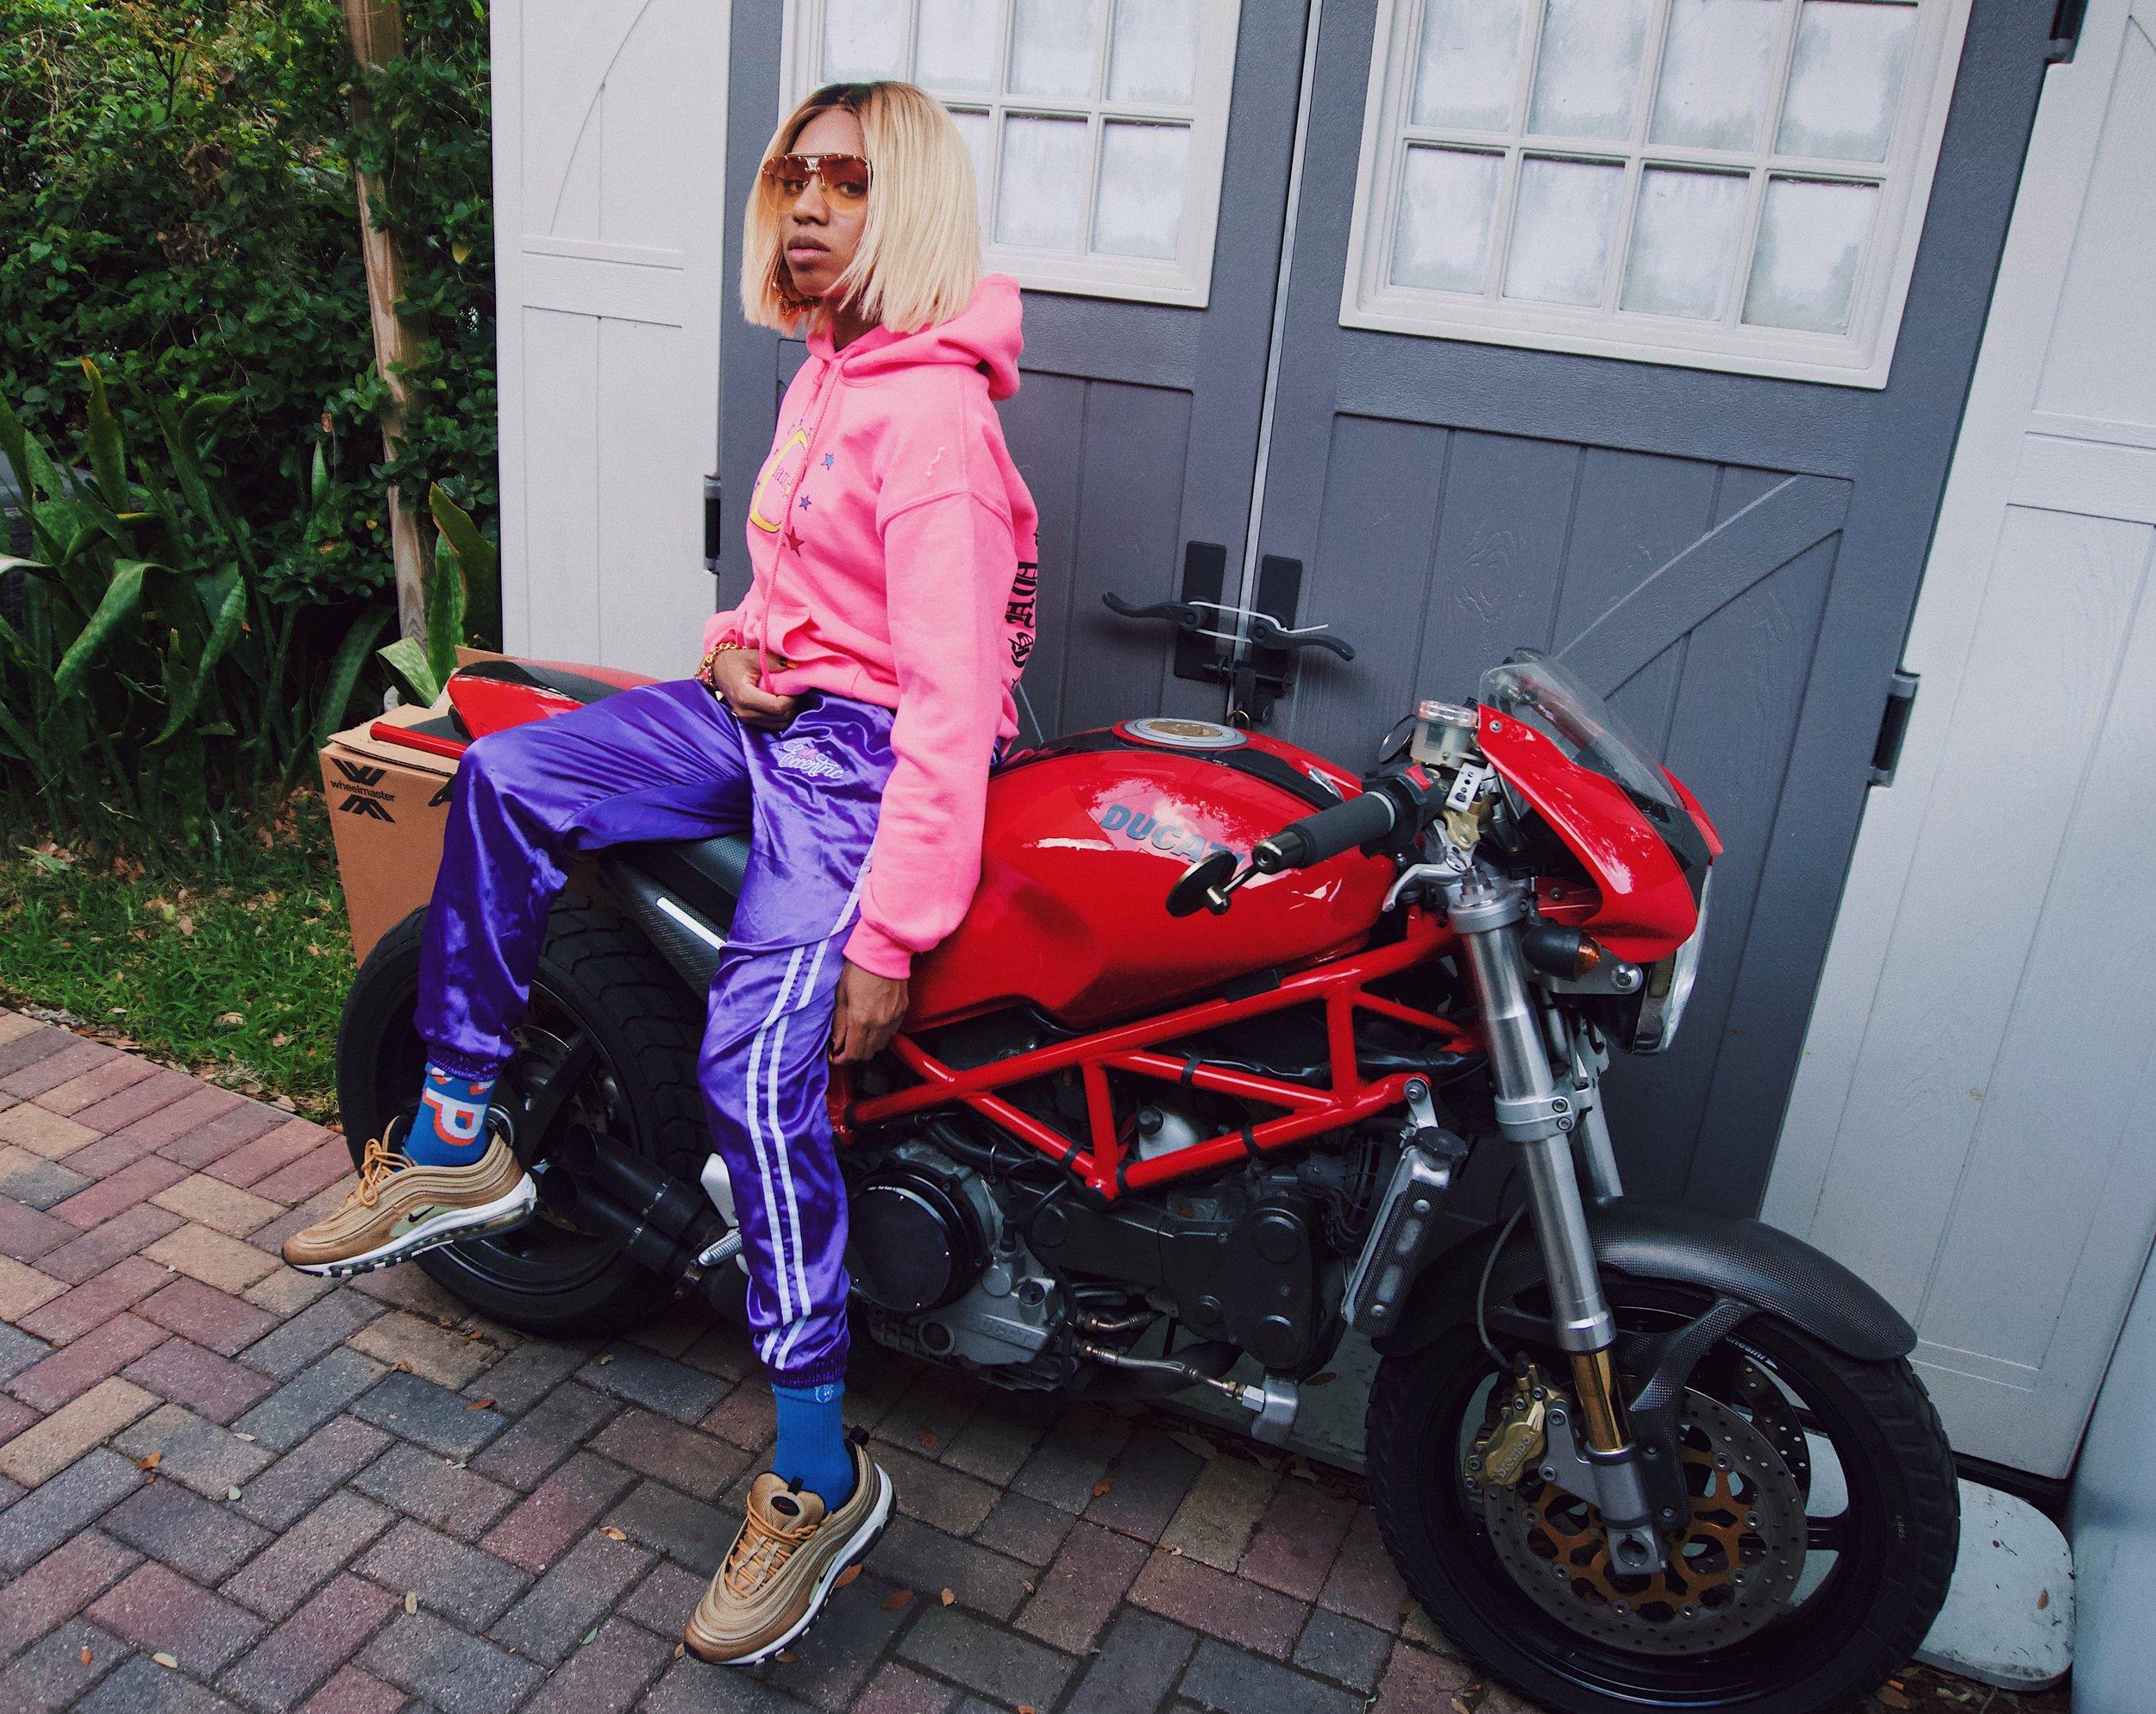 Sonya Harris IAM.ECCENTRIC Interview | The Vinyl Warhol | Orlando Music Art Interview Blog